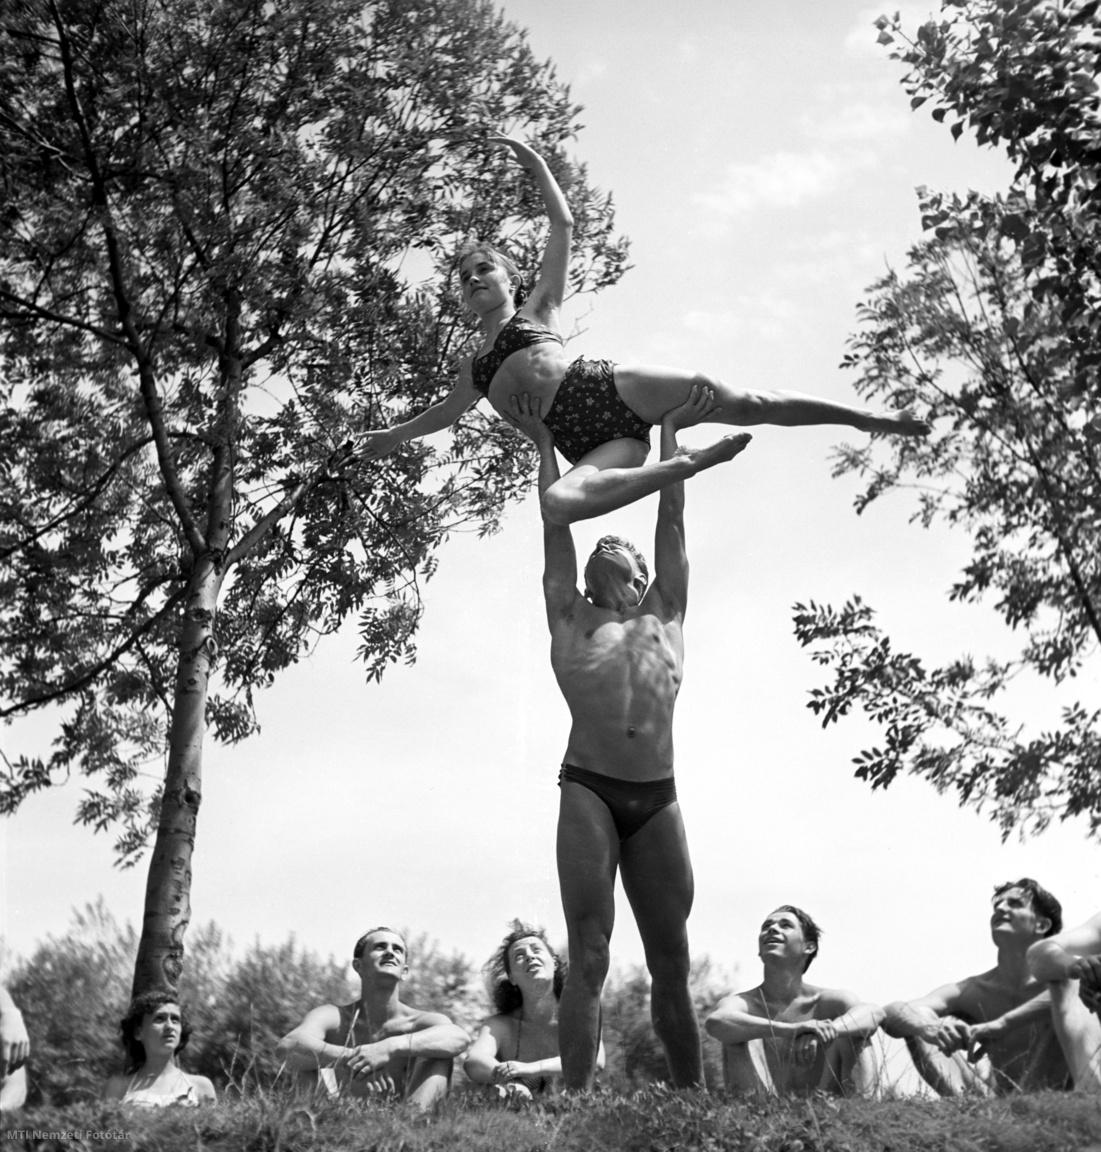 A Magyar Néphadsereg Művészegyüttes két tagja egy emelést gyakorol a Palatinus strandon 1952. június 18-án.